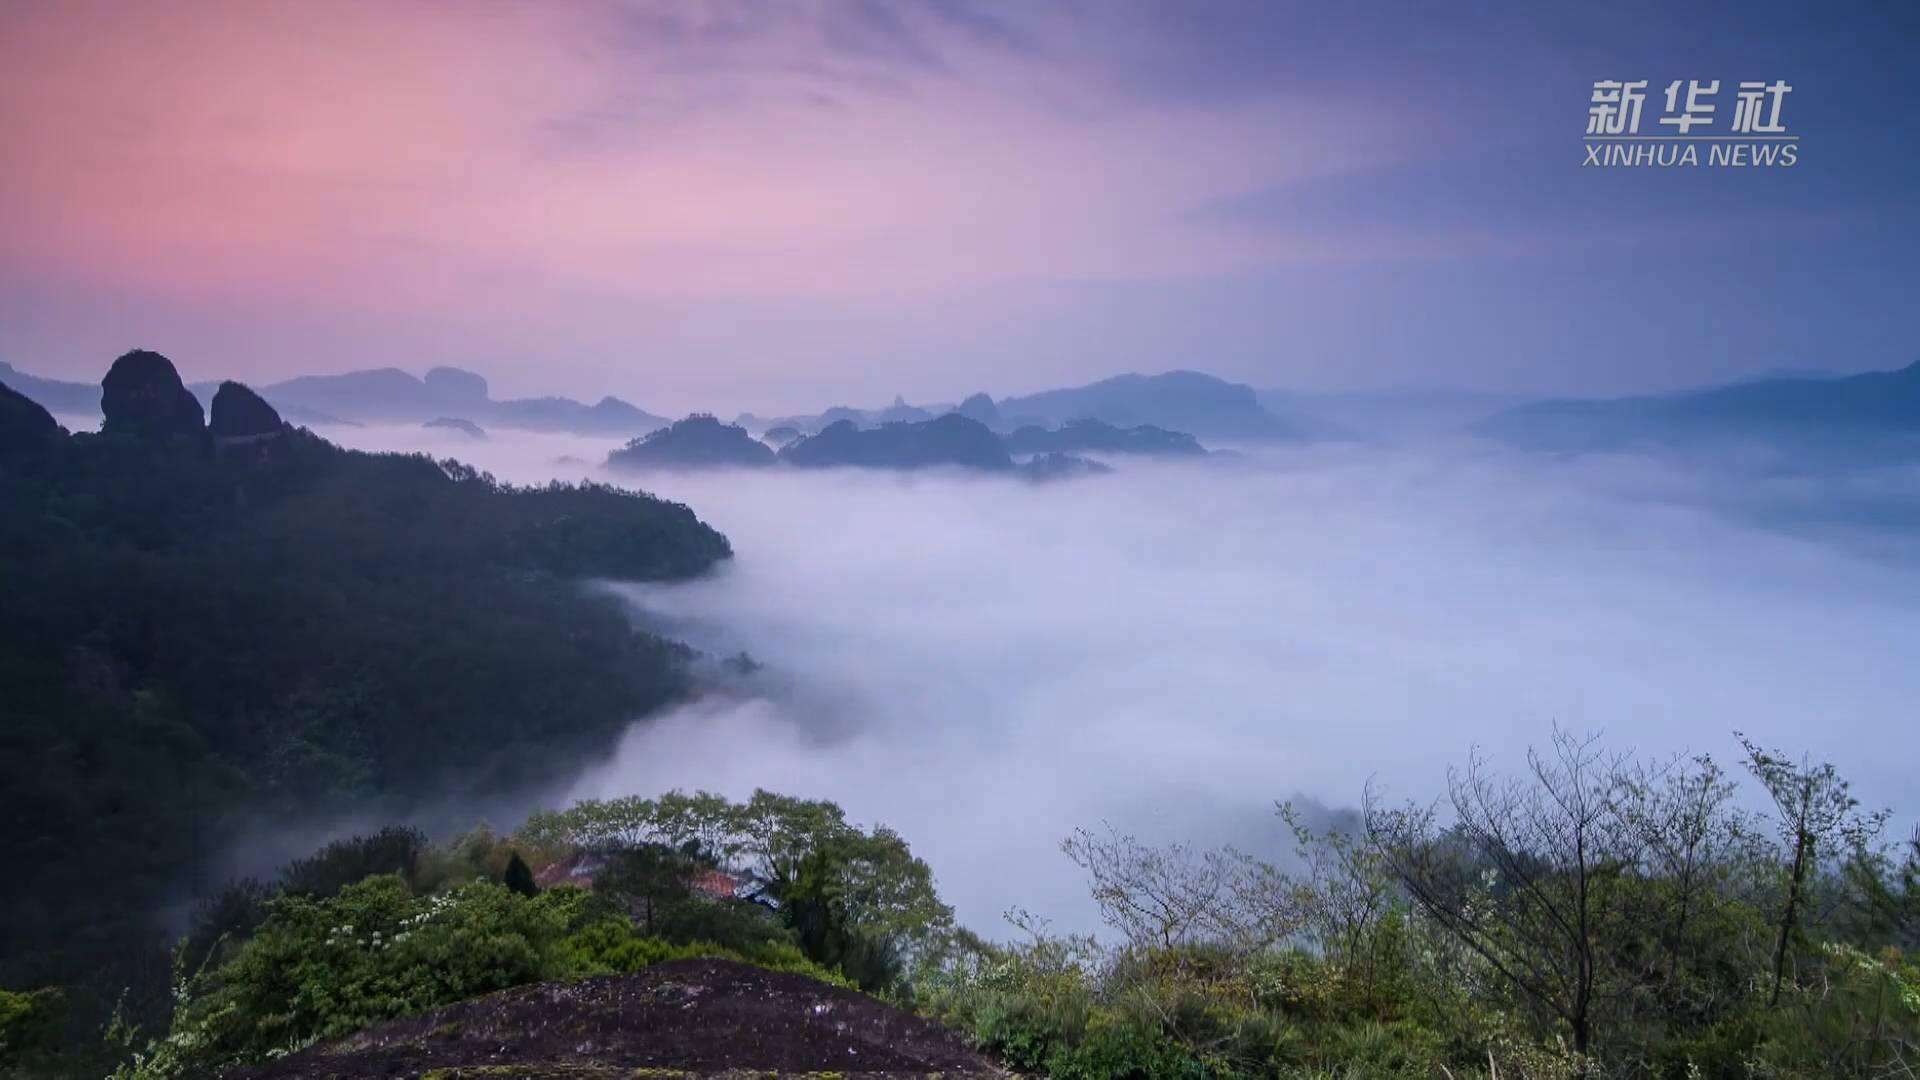 涨知识!武夷山的非物质文化遗产你知道哪些?